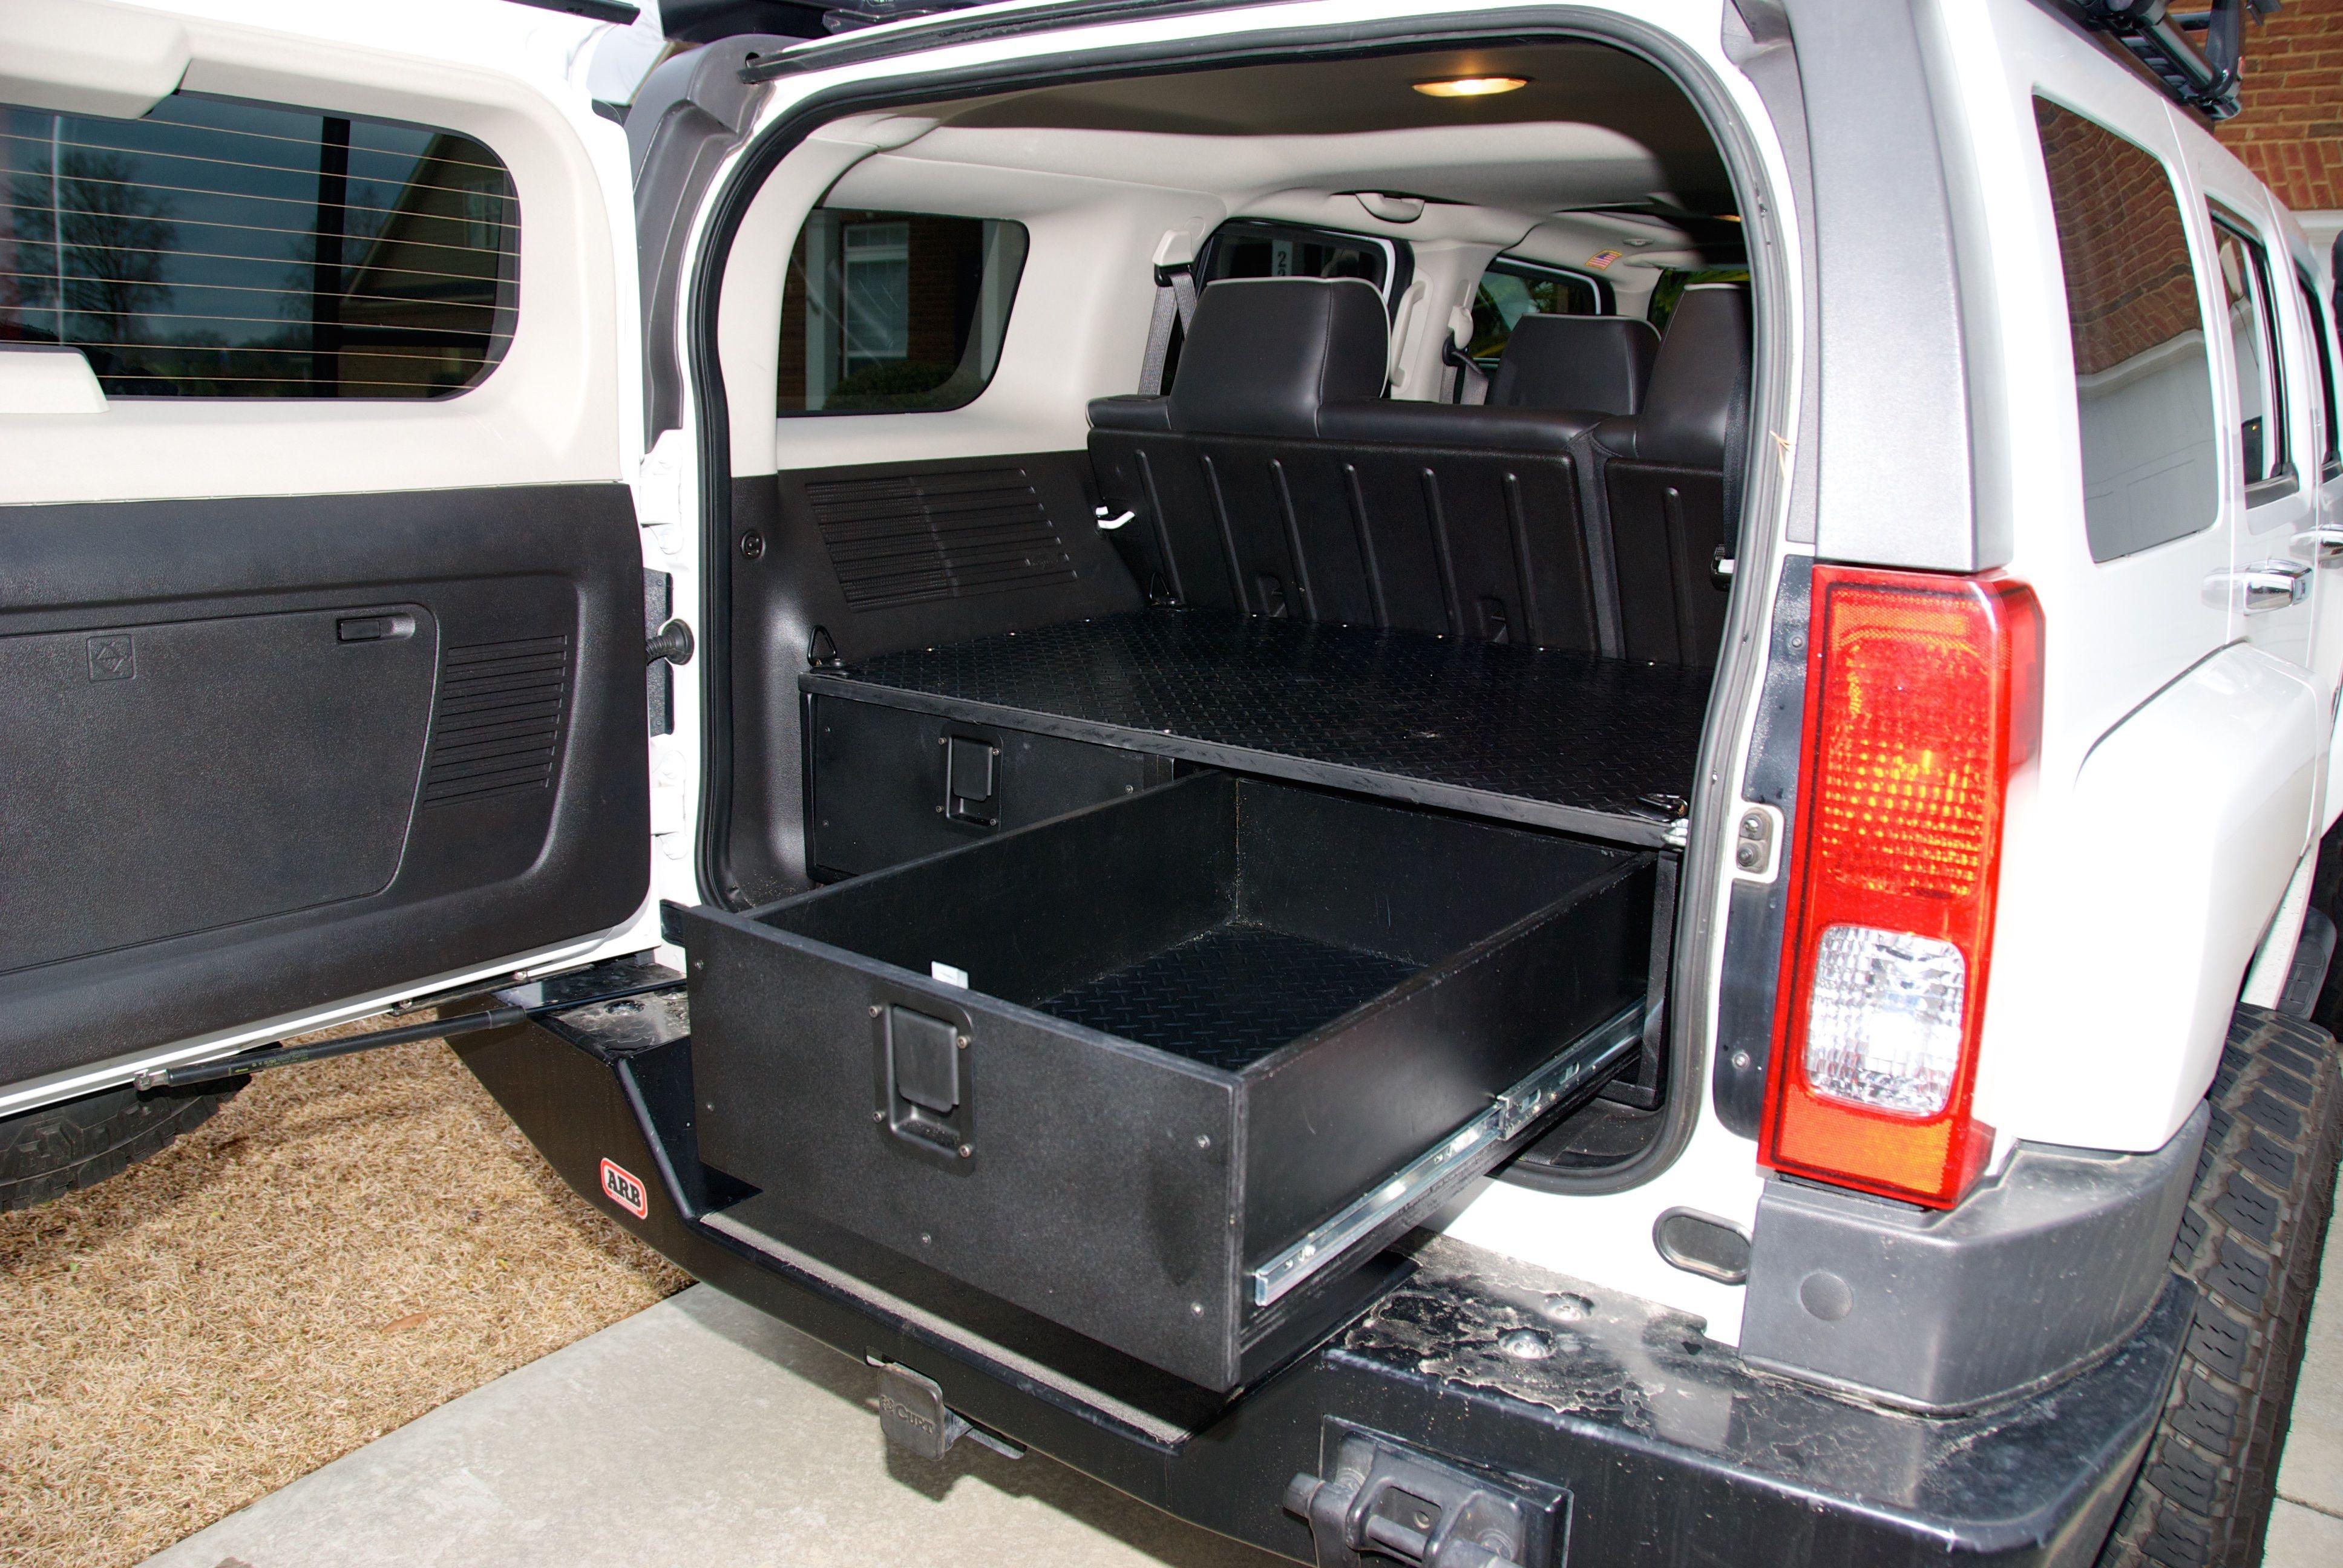 Diy Custom Drawers For Hummer H3 Hummer Hummer H3 Hummer Jeep